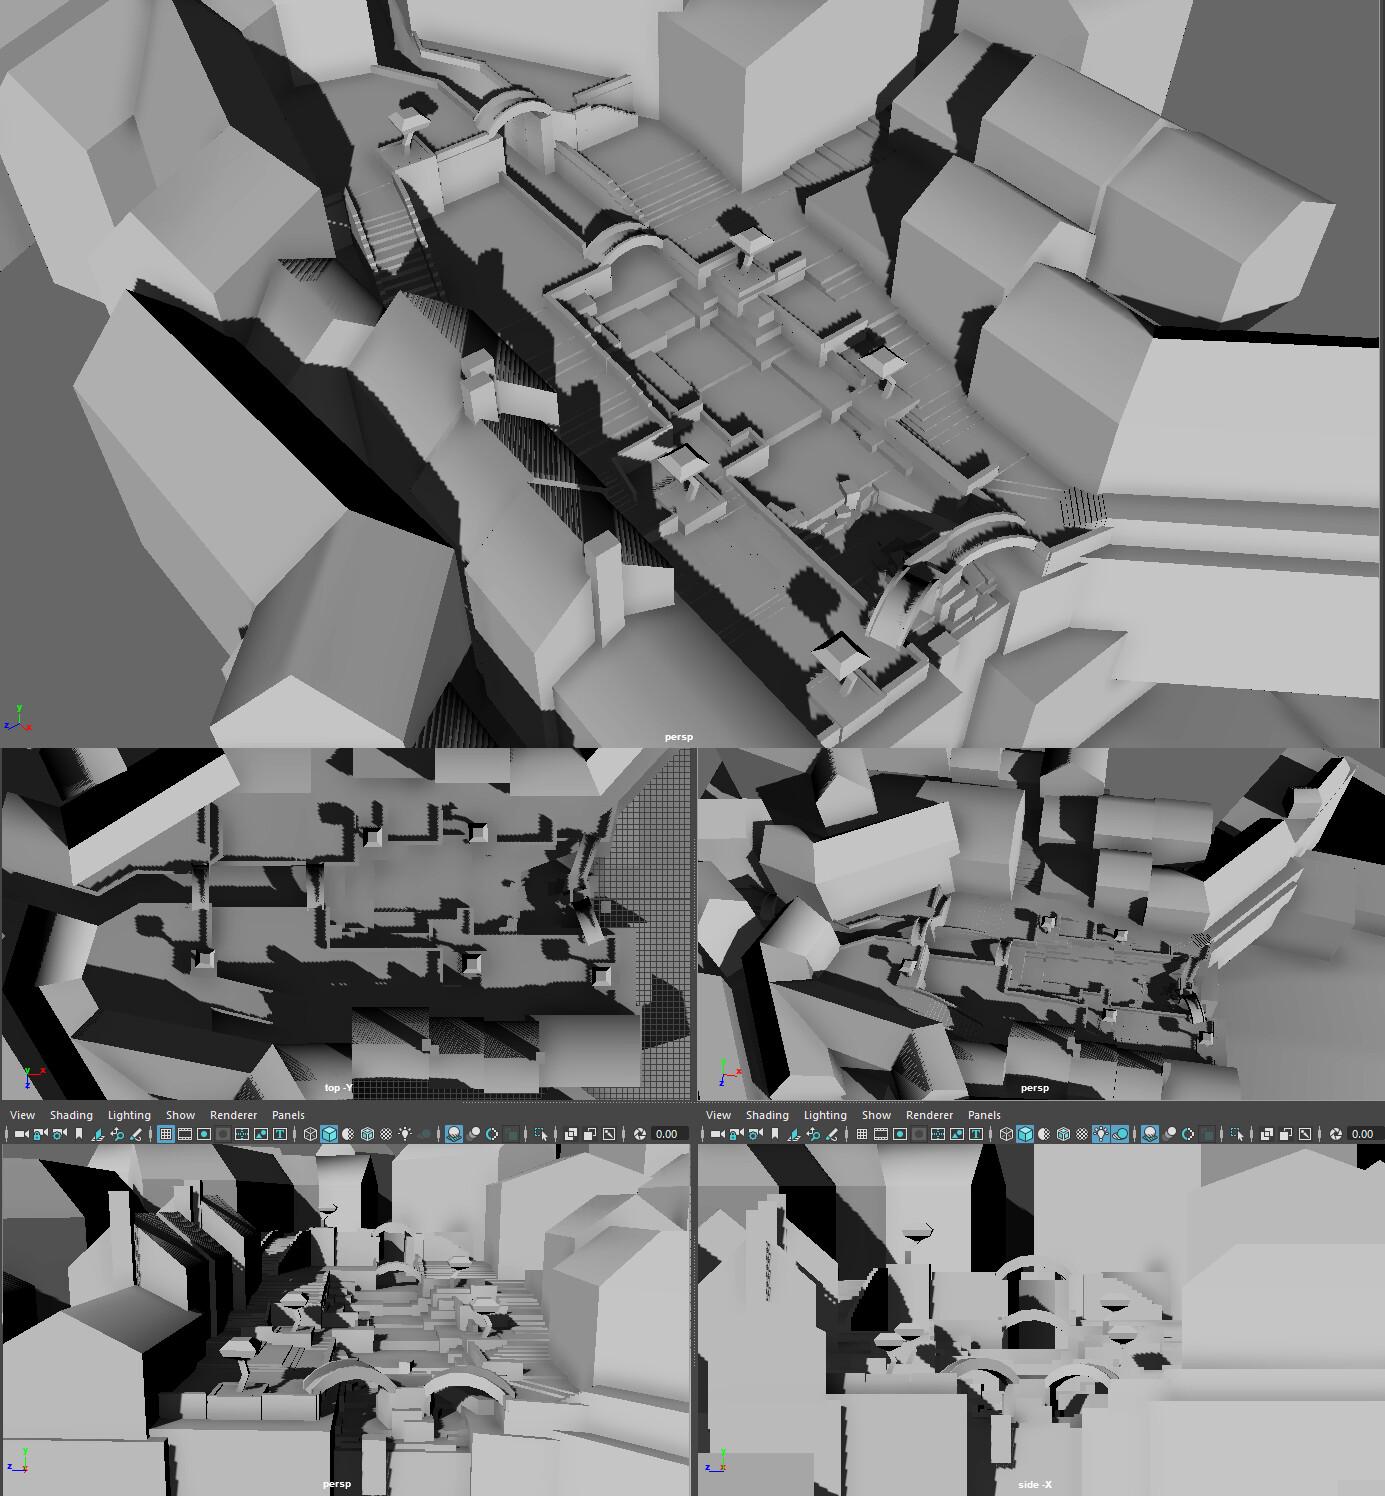 Alexander laheij 01 exportscreenshot